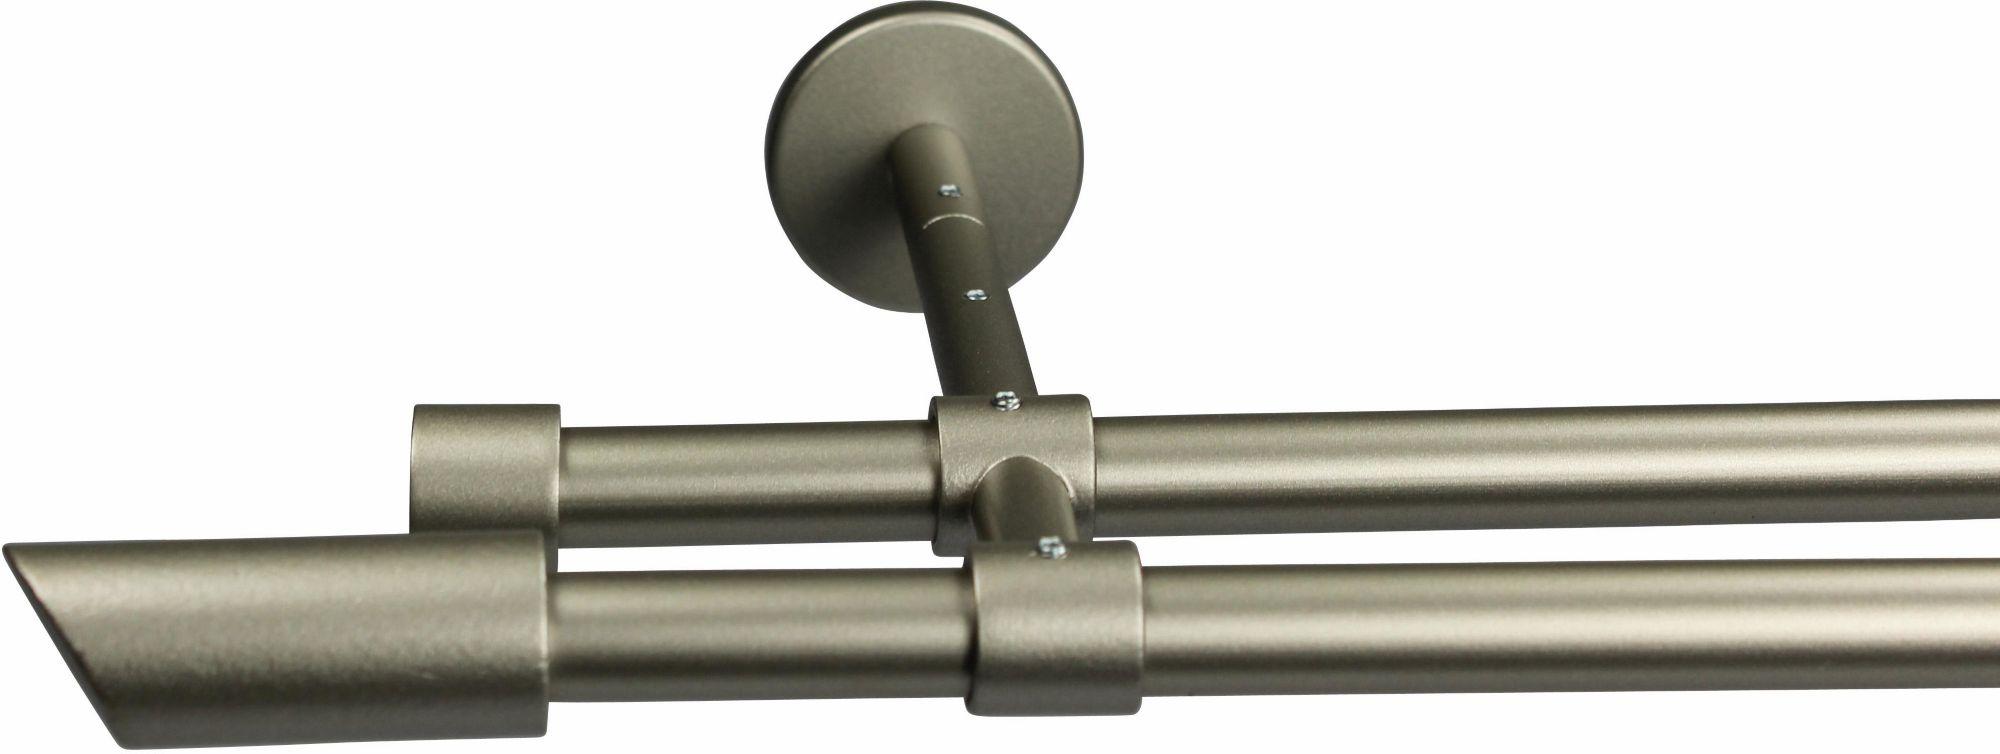 GARESA Gardinenstange 16 mm Zyli, ohne Ringe, mit geschlossenen Träger, nach Maß